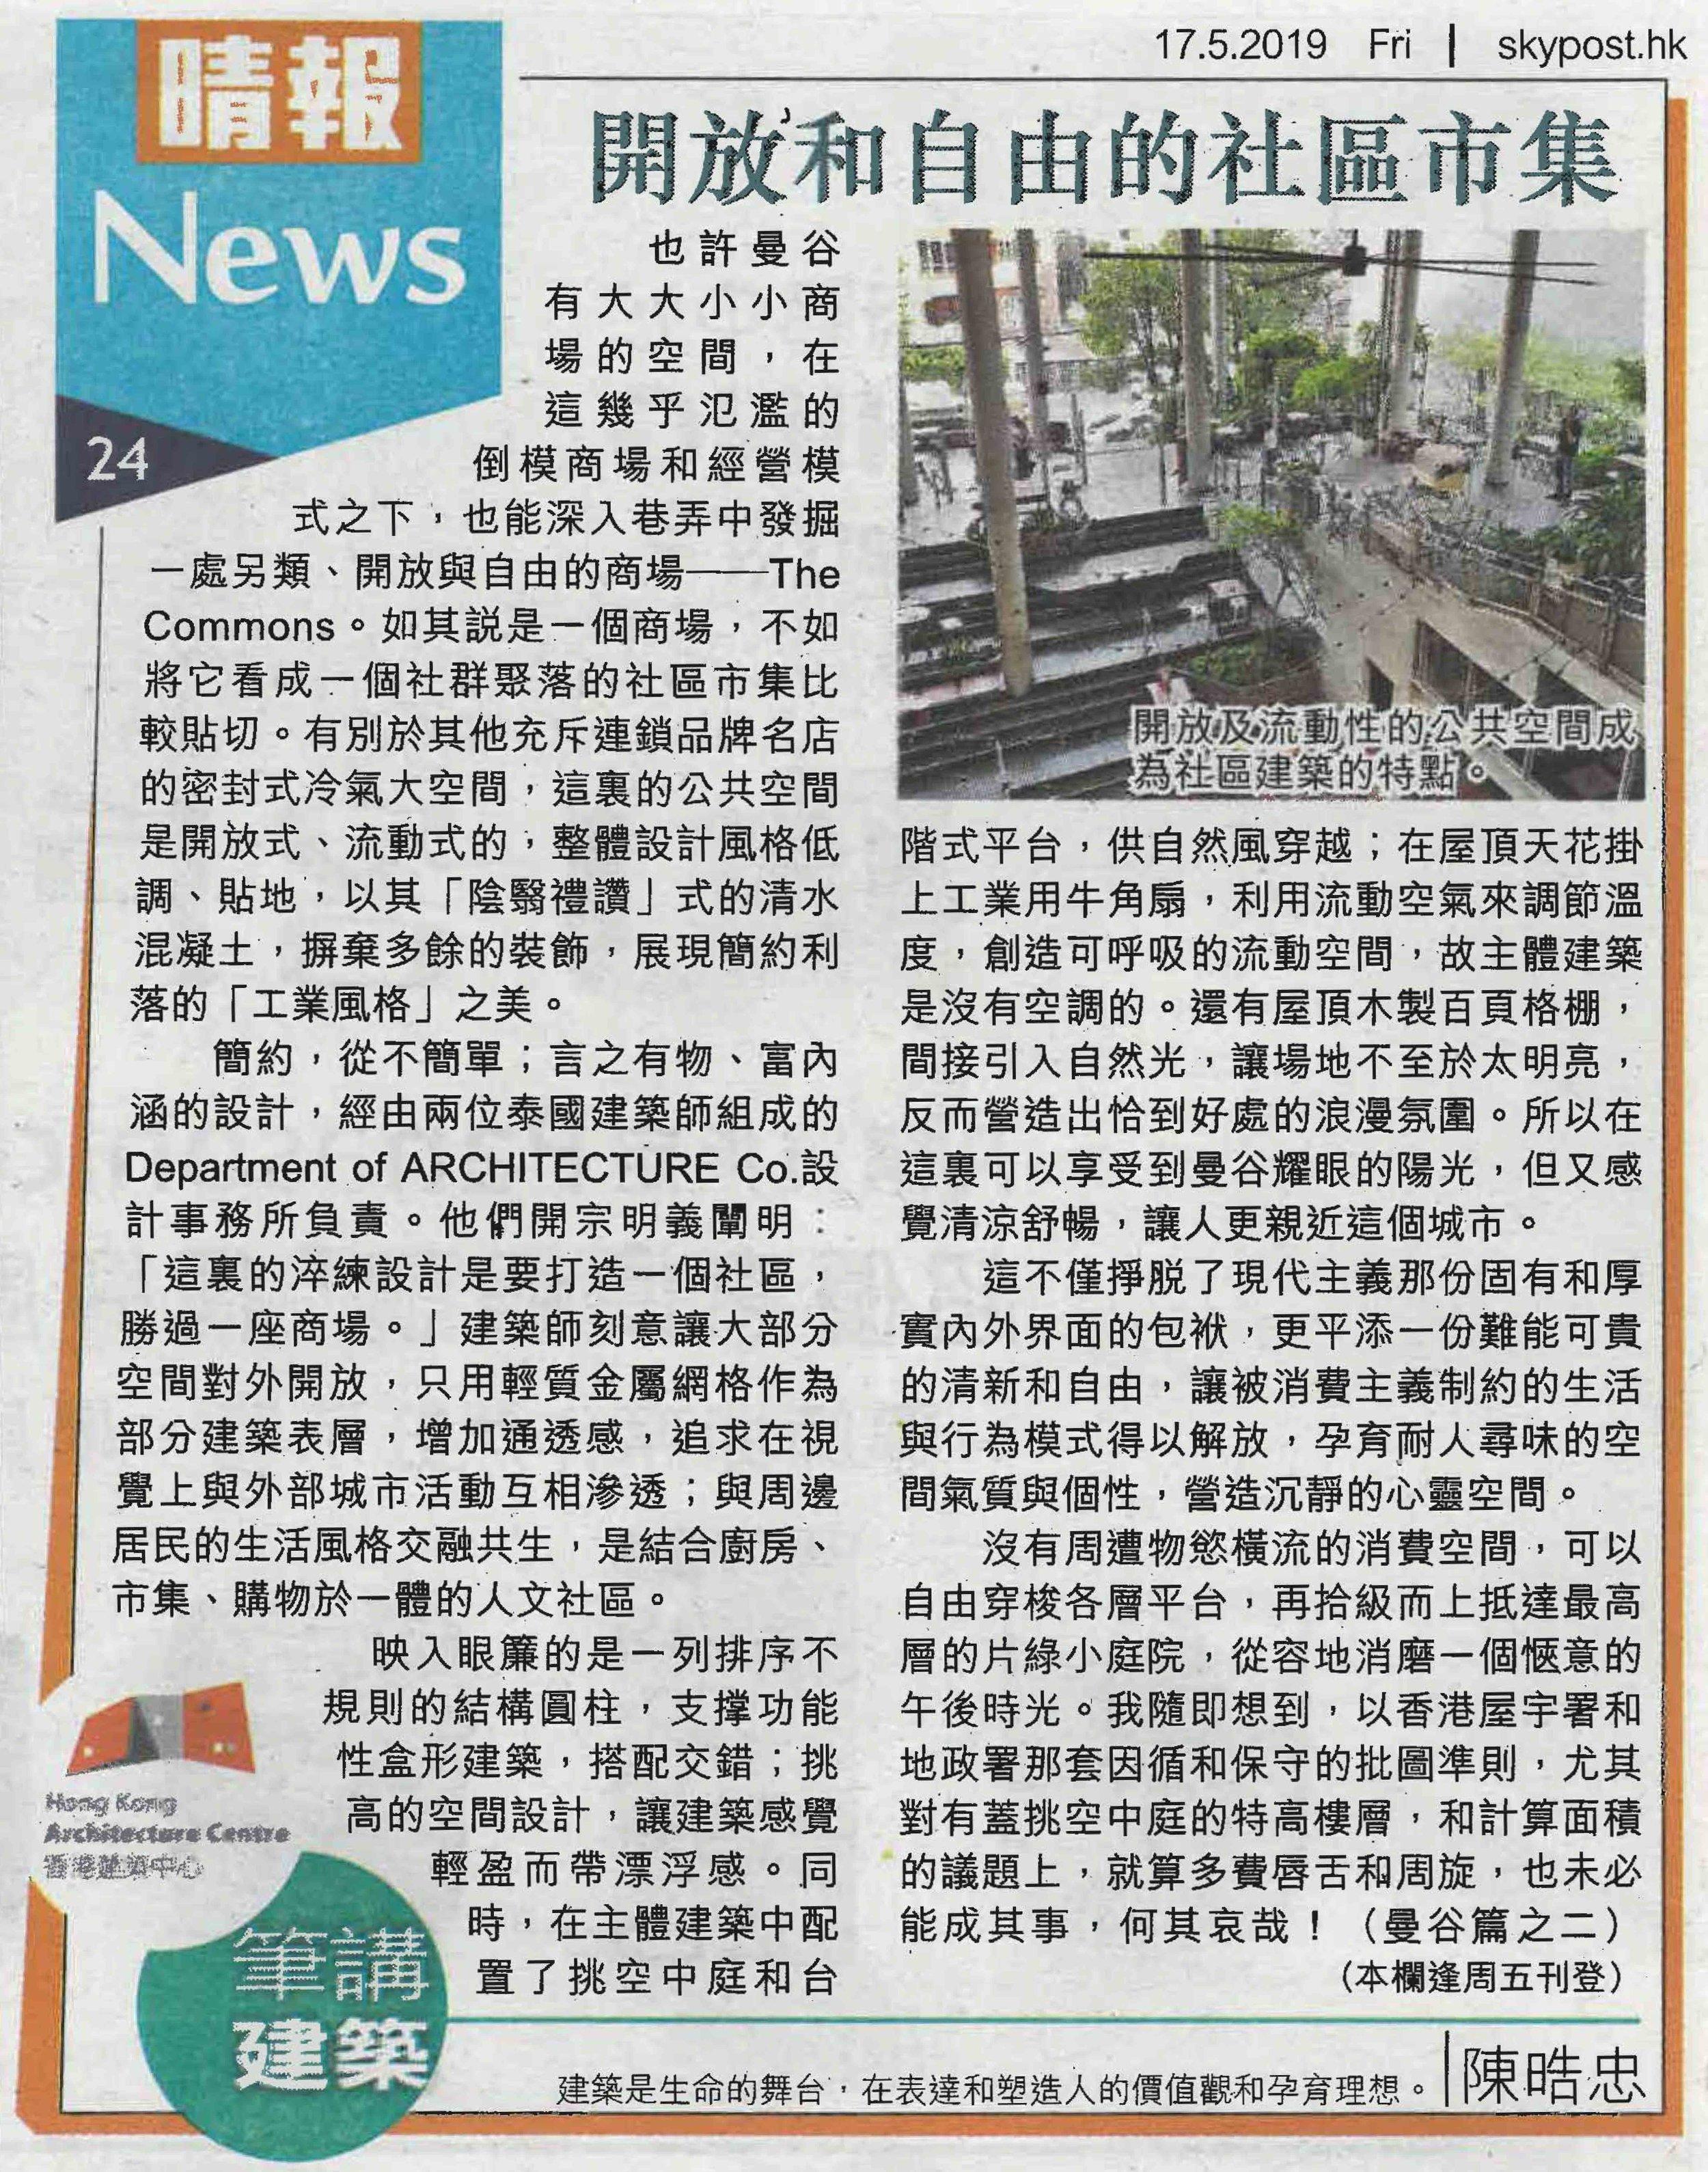 Skypost_190517_陳晧忠_開放和自由的社區市集_Resize.jpg